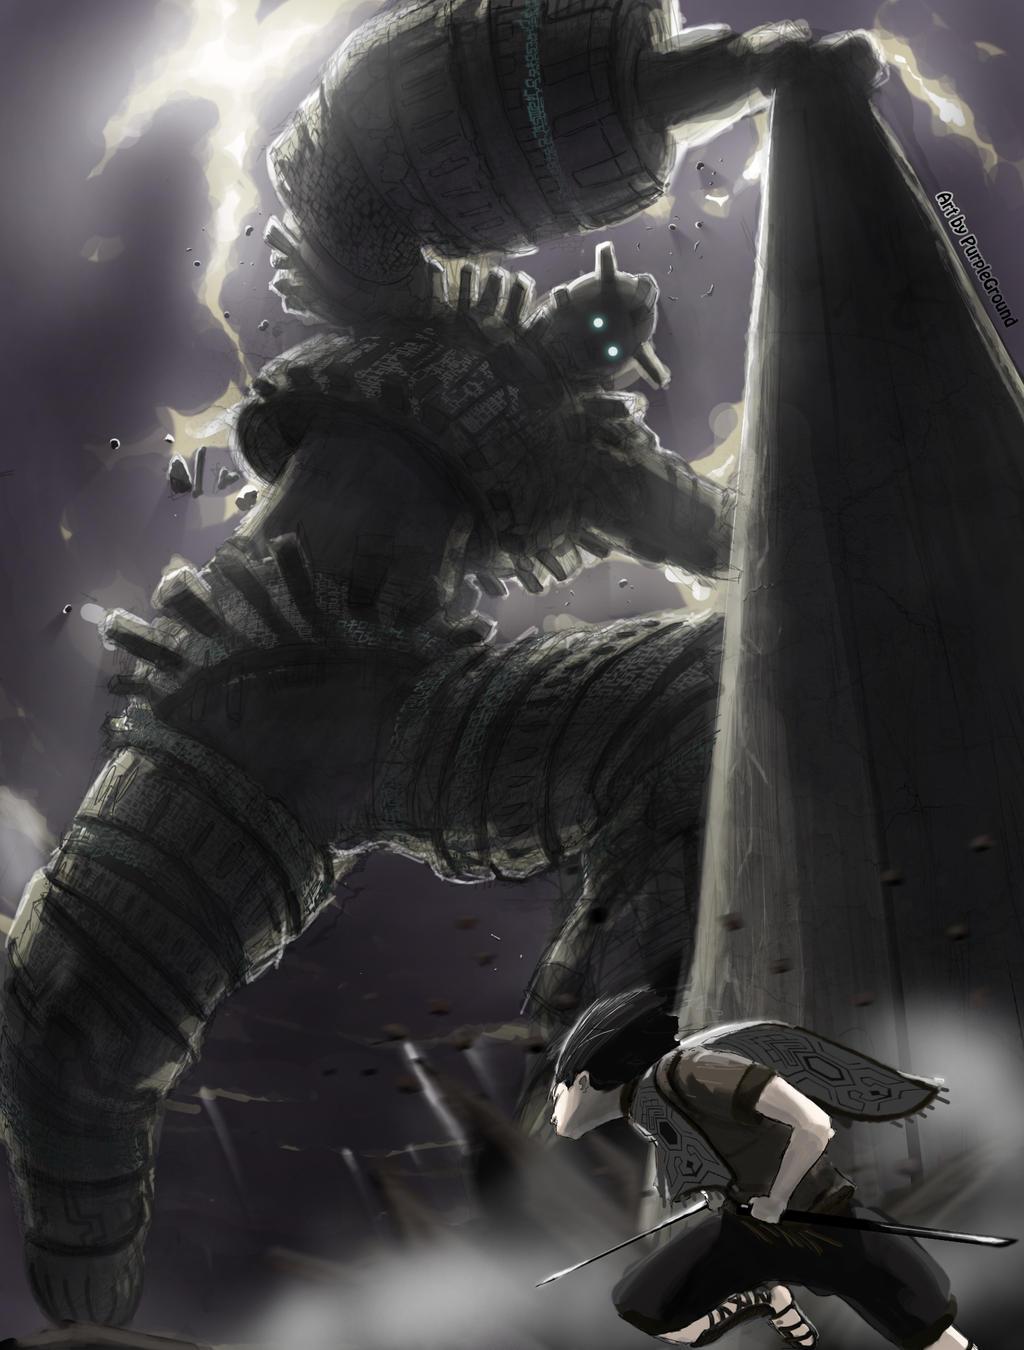 SotC: Gaius by Purpleground02 on DeviantArt